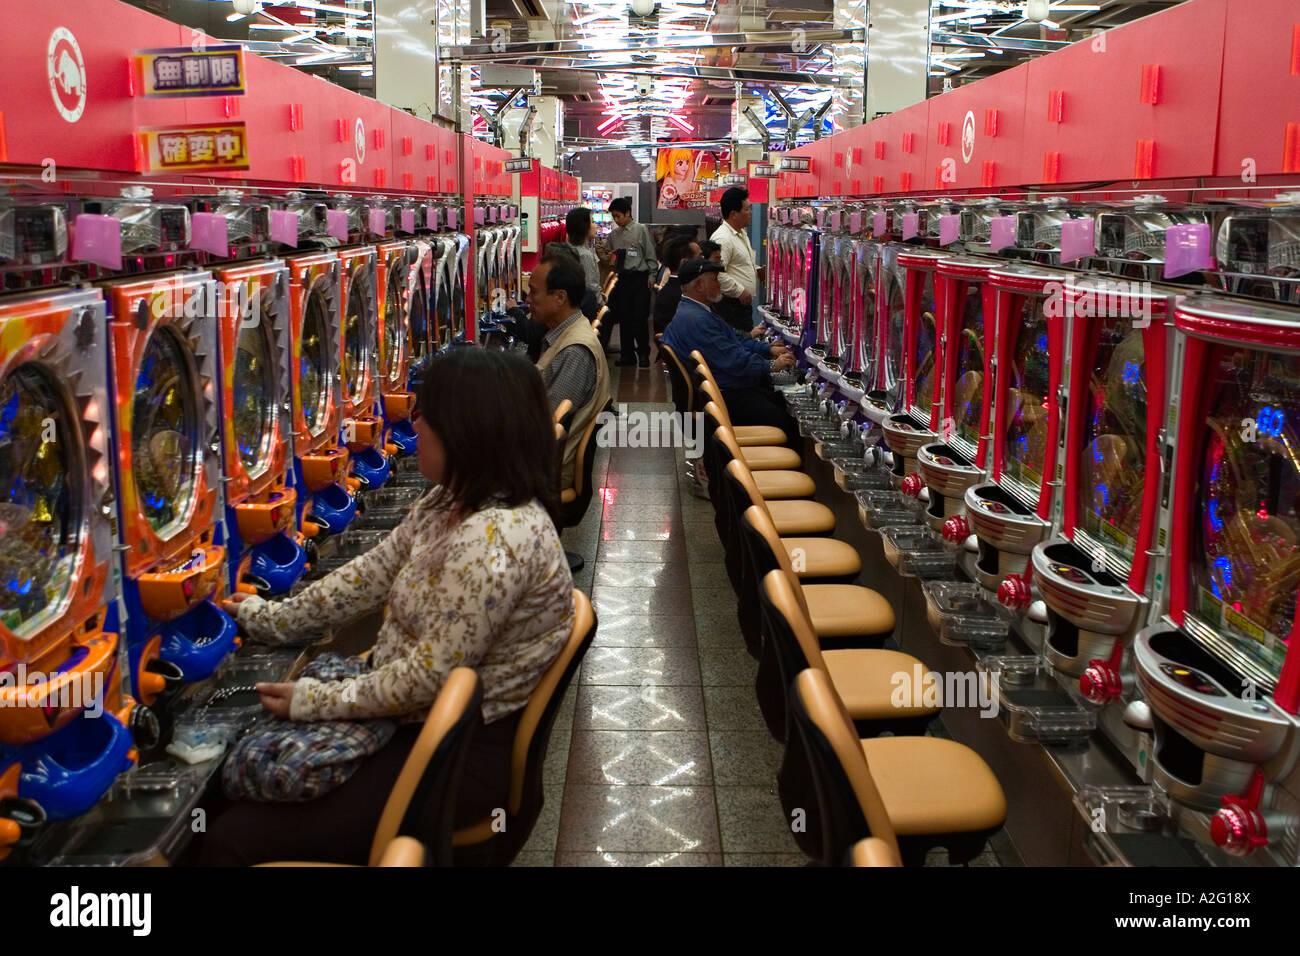 Pachinko parlor, Tokyo, Japan, Asia Stock Photo